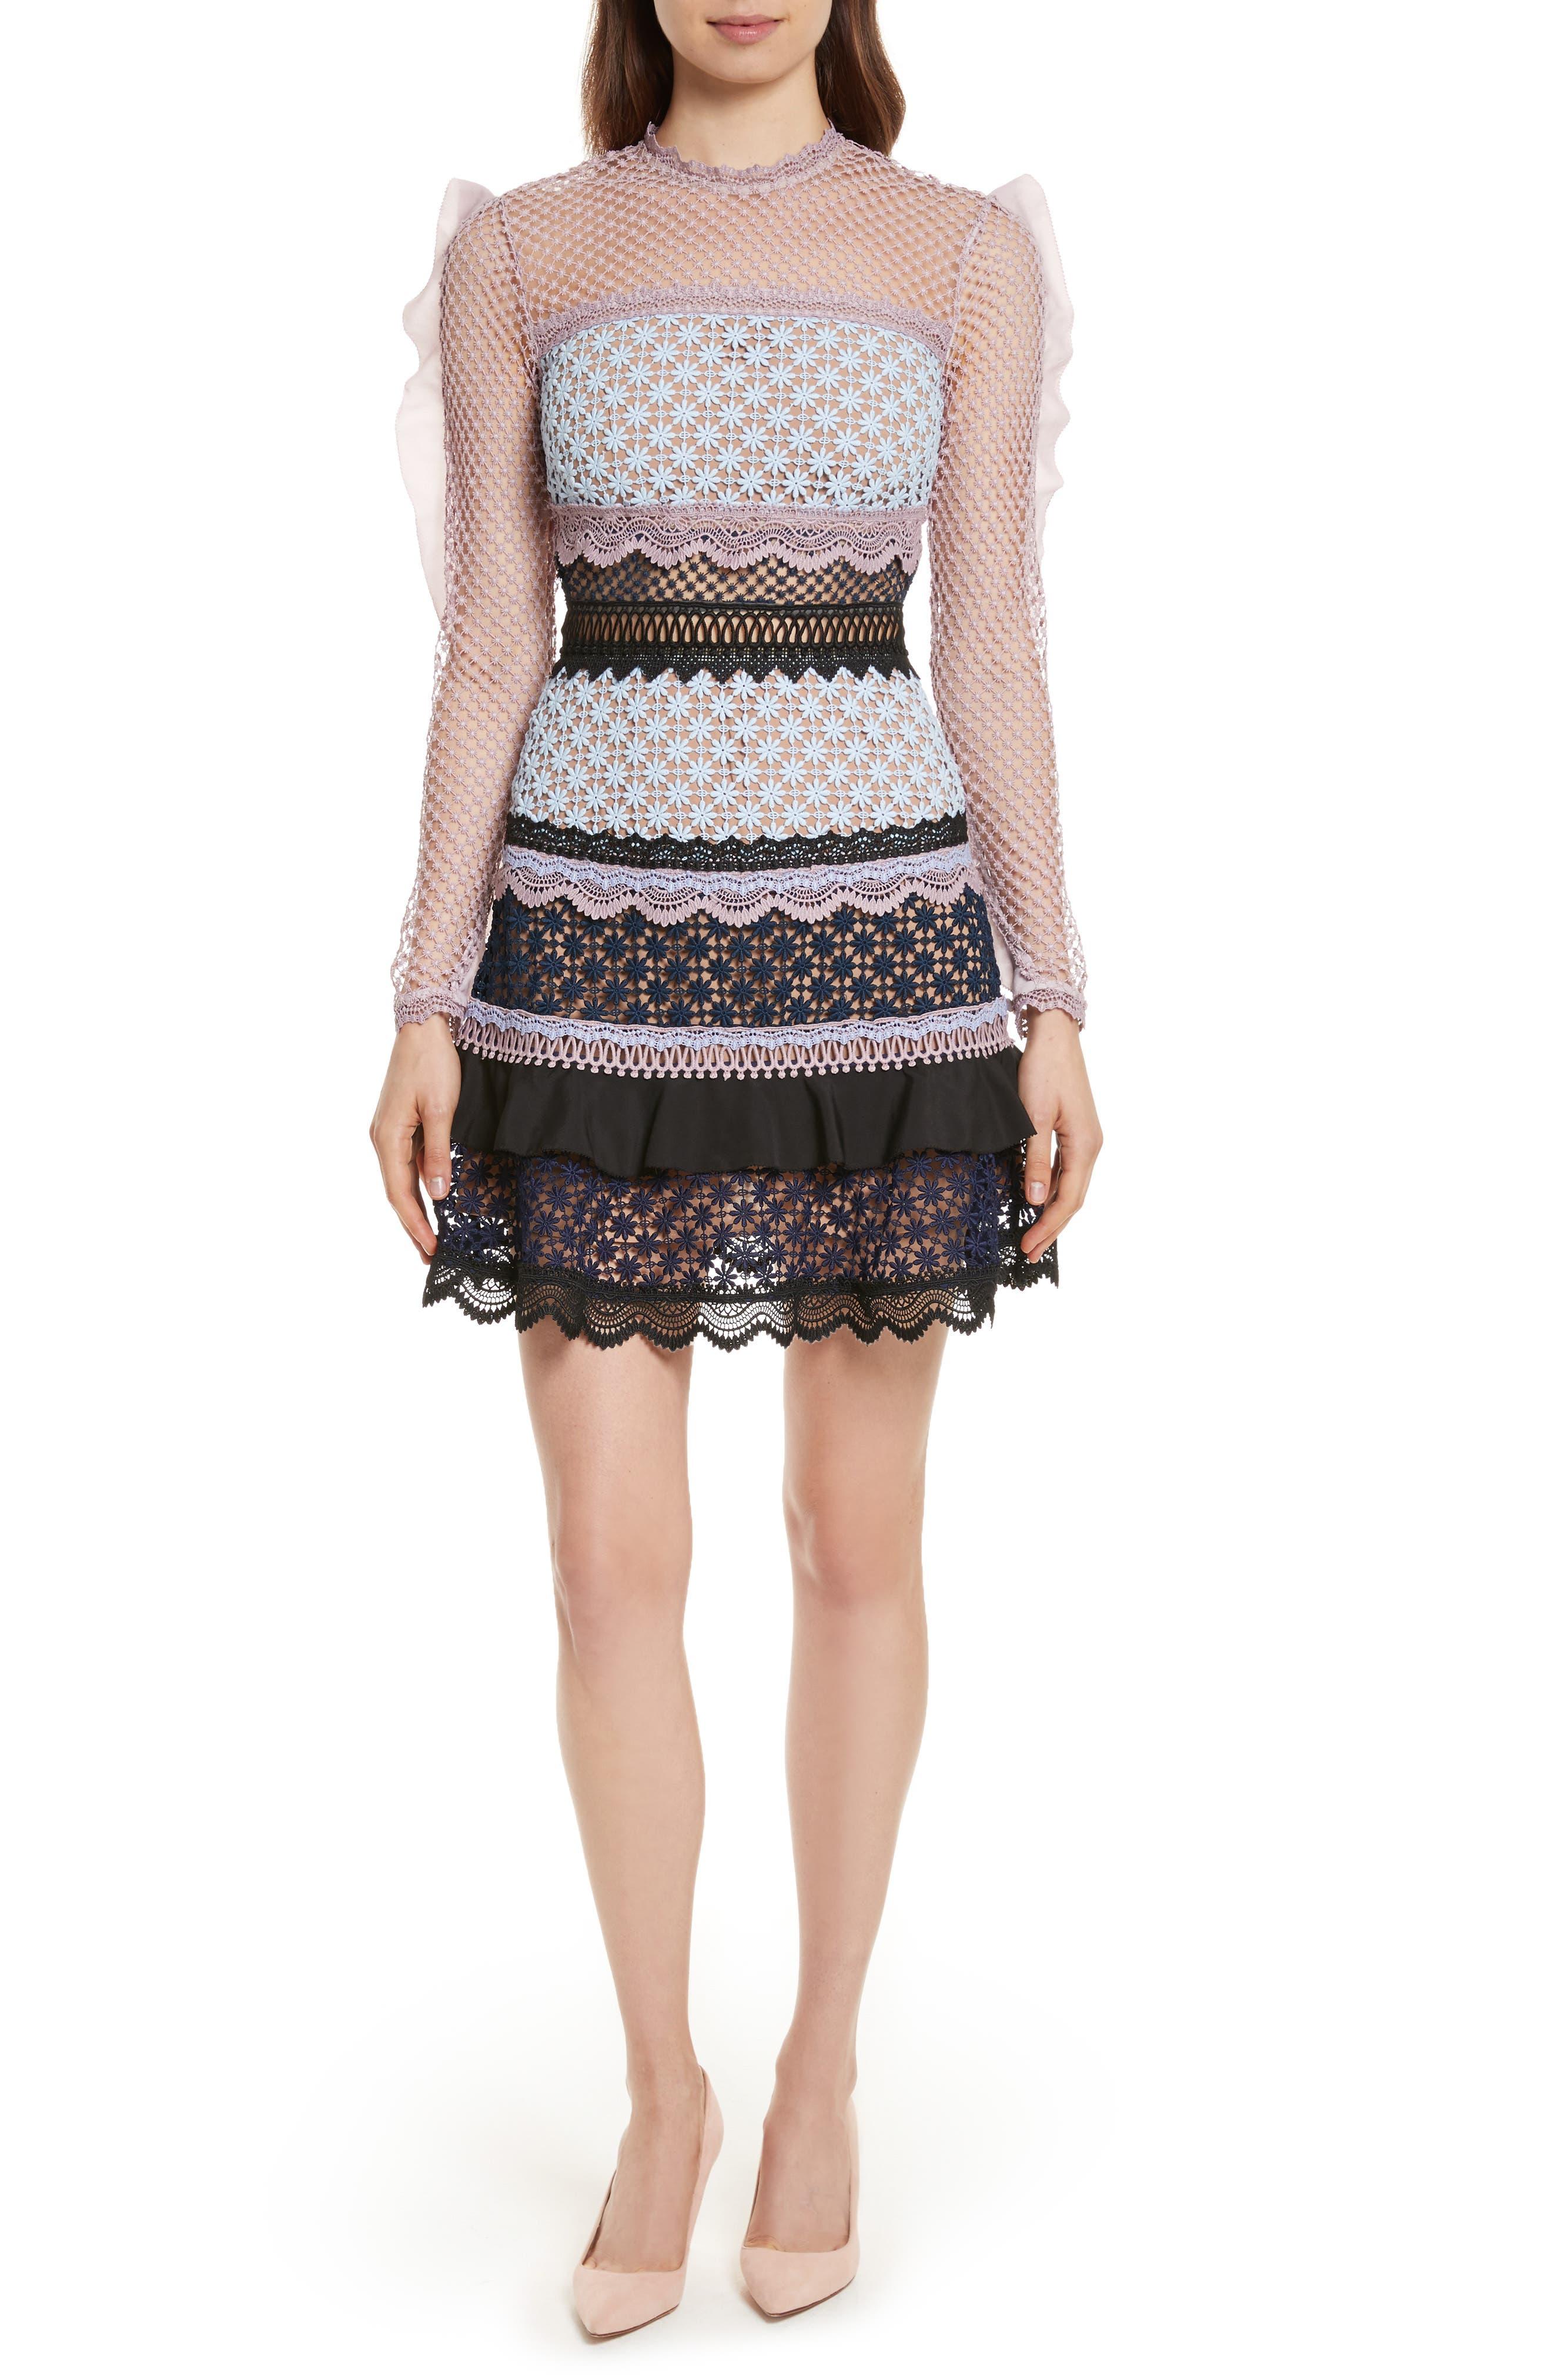 Main Image - Self-Portrait Bellis Frill Lace Dress